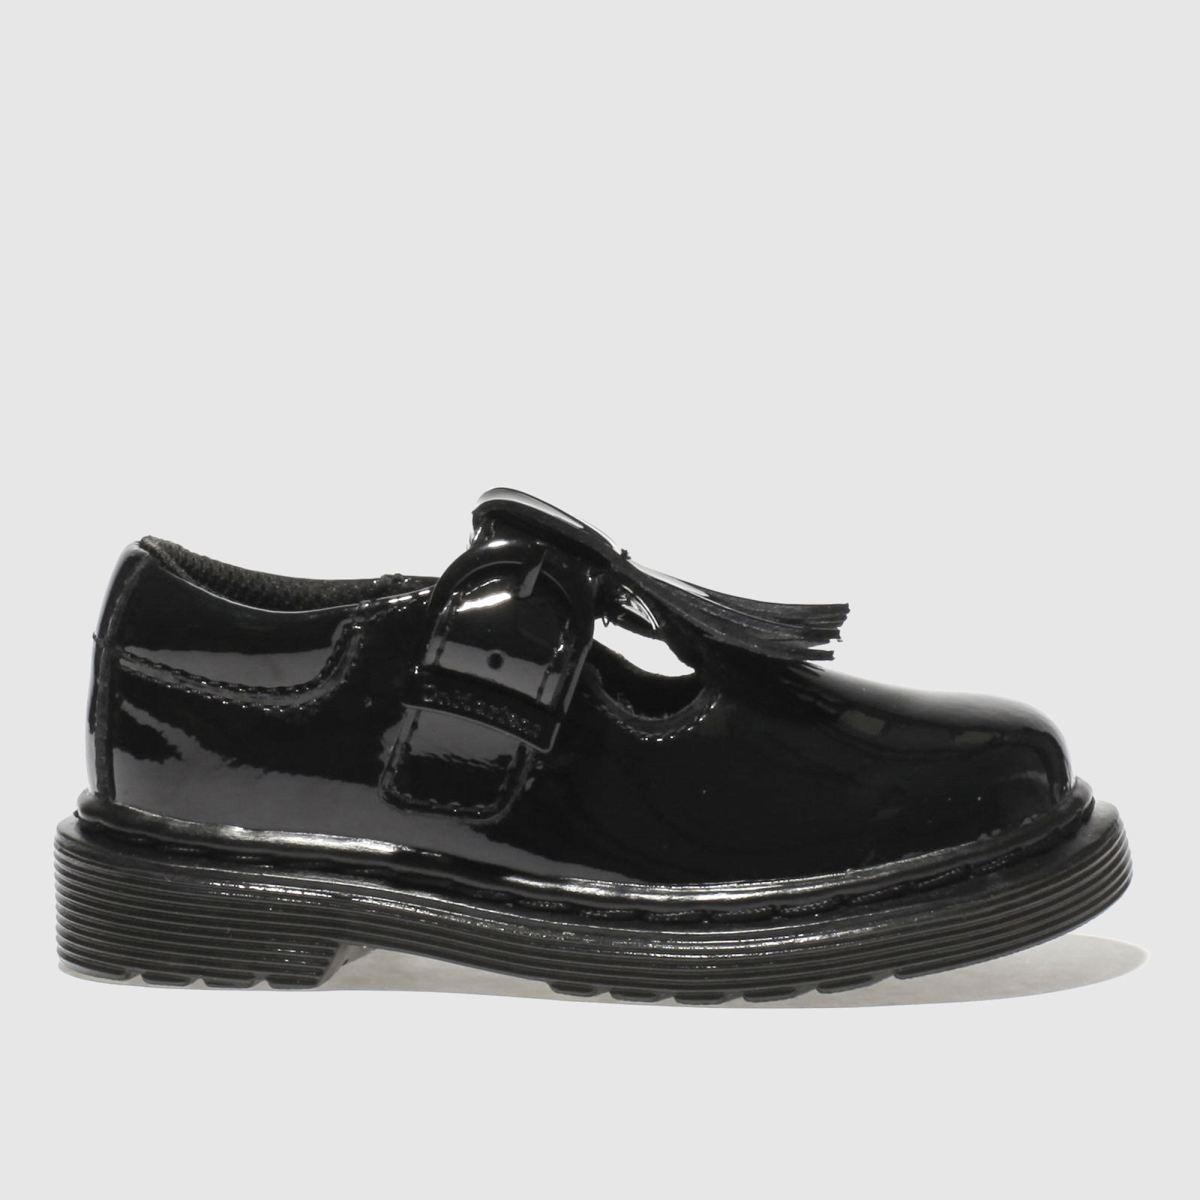 Dr Martens Black Torey Boots Toddler